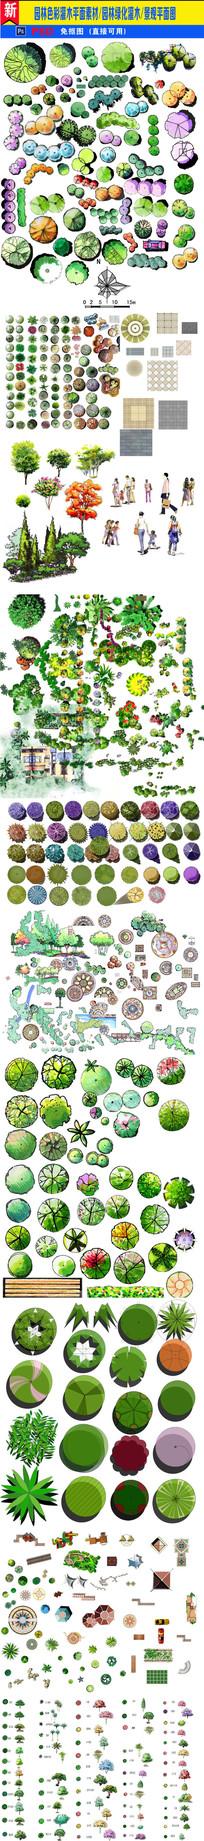 园林景观设计分层平面图素材集